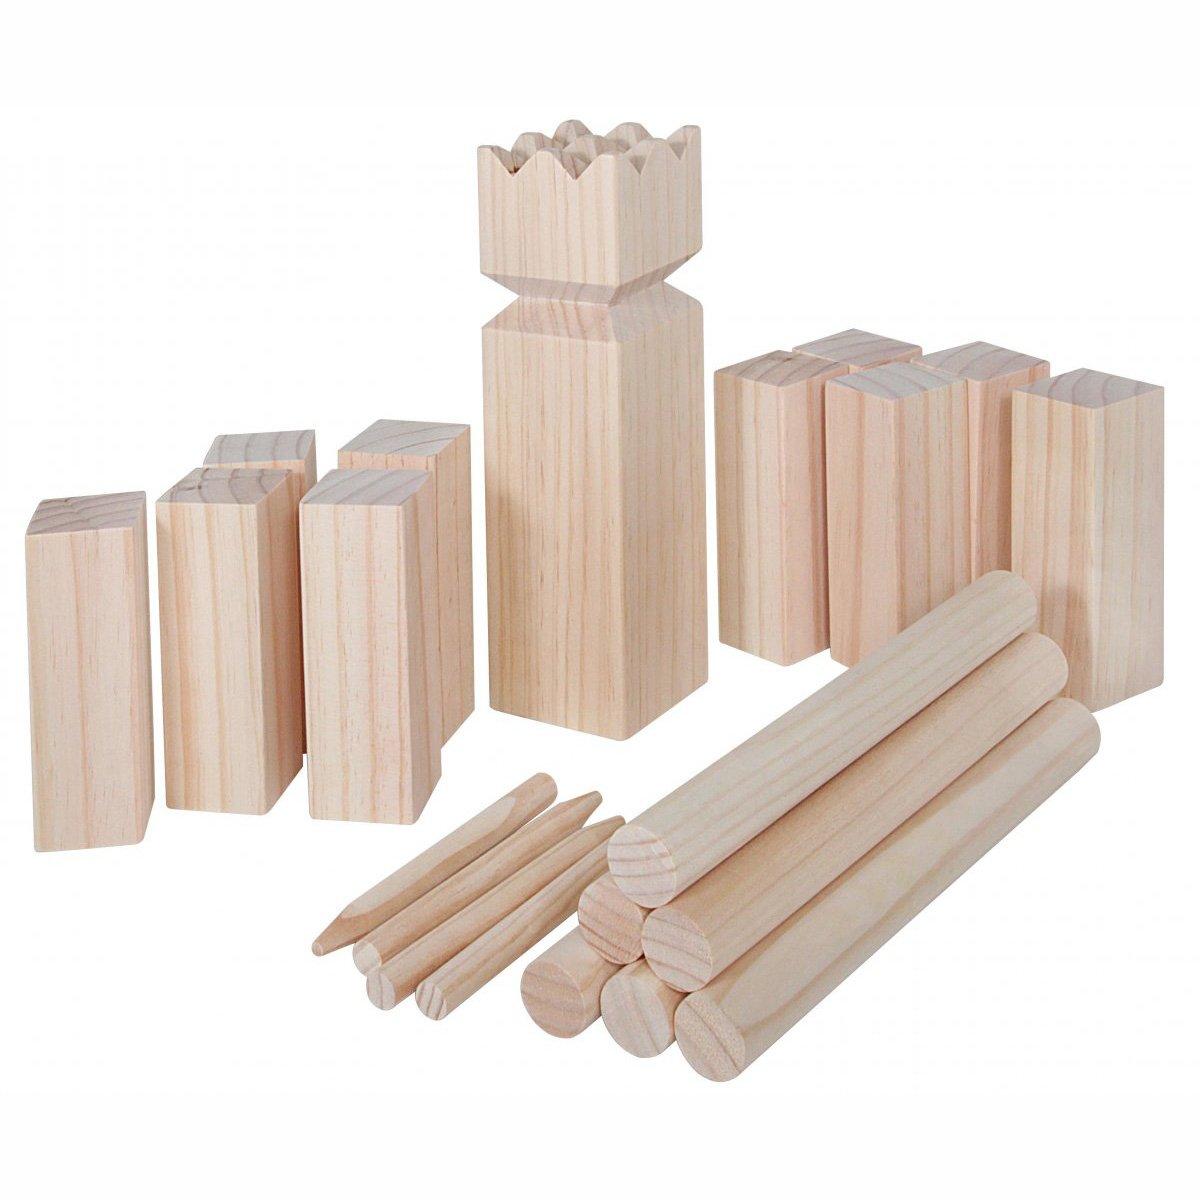 Kreidetafel doppelseitige Magnettafel Schreibtafel Whiteboard Kinder Memotafel mit Holzrahmen inkl Marker 30 x 40cm Magnete Wipe Schwamm Haken